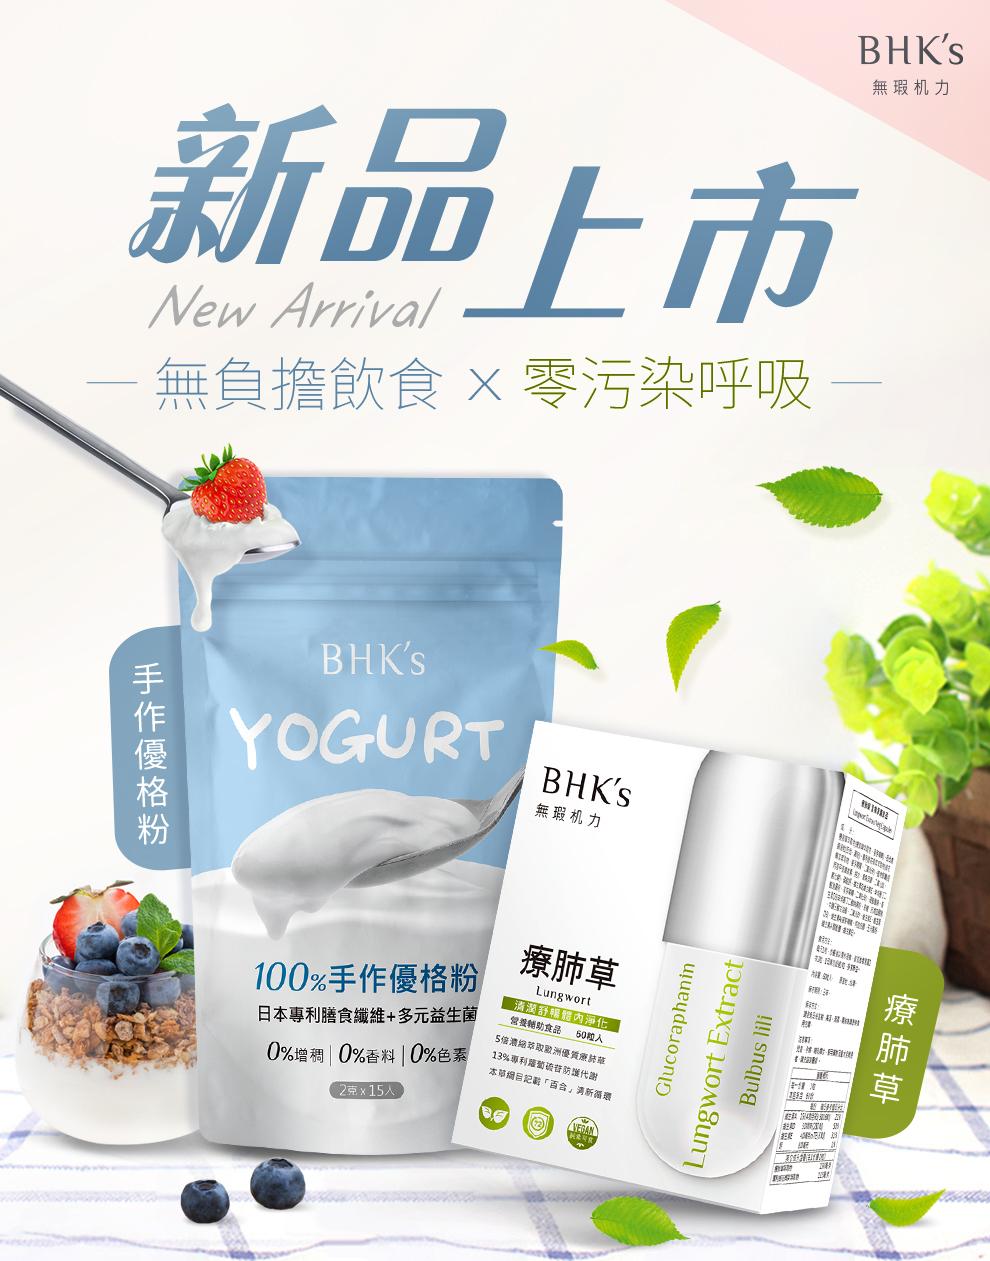 BHK's 新品上市:無負擔飲食及零污染呼吸.